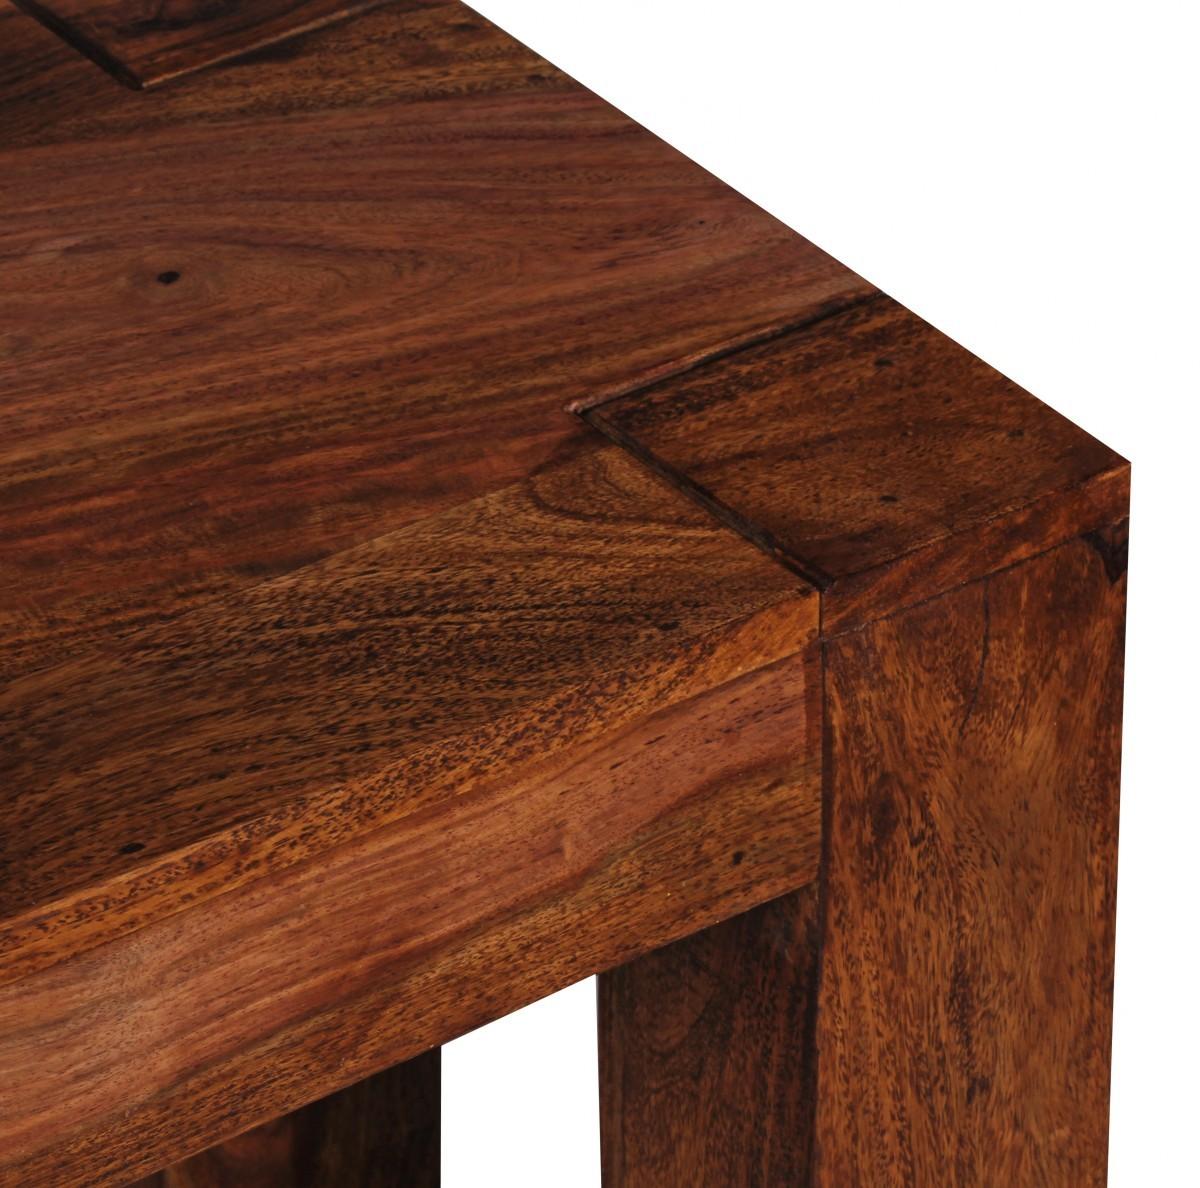 dusche sitzbank breite verschiedene. Black Bedroom Furniture Sets. Home Design Ideas